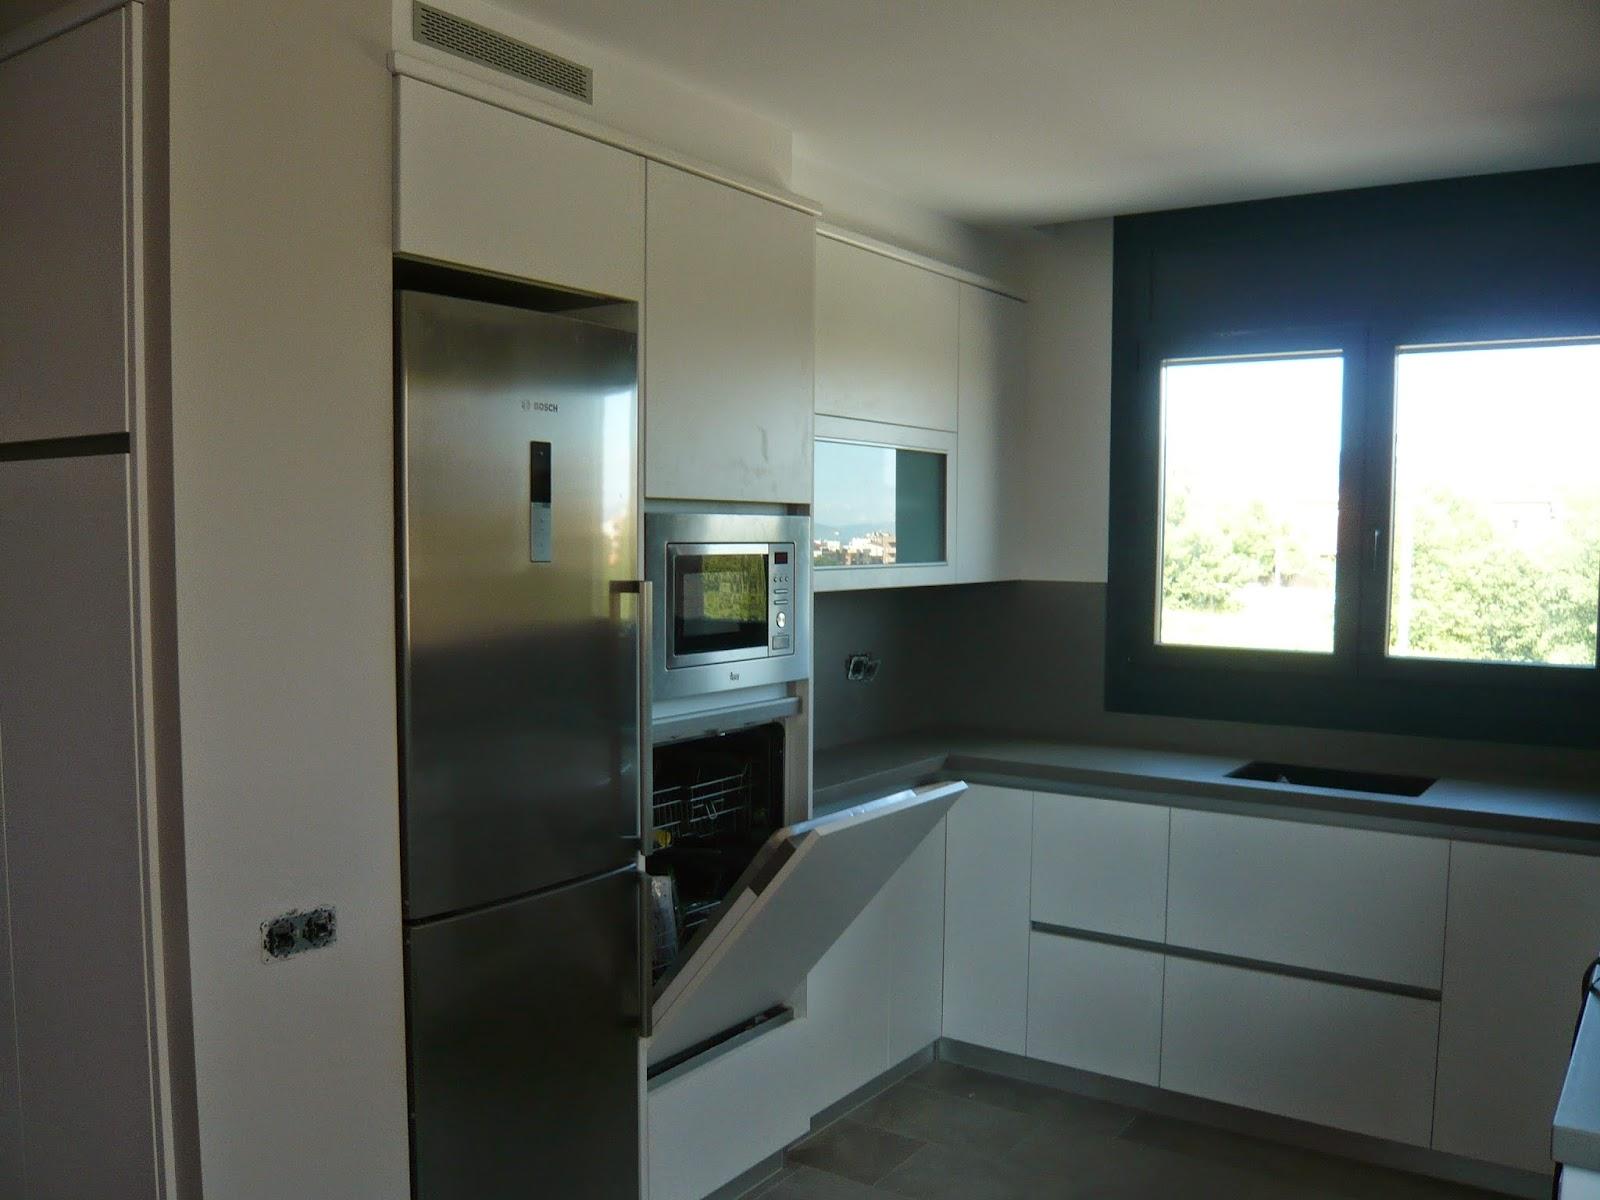 reuscuina muebles de cocina formica blanca sin tiradores On muebles de cocina con lavavajillas